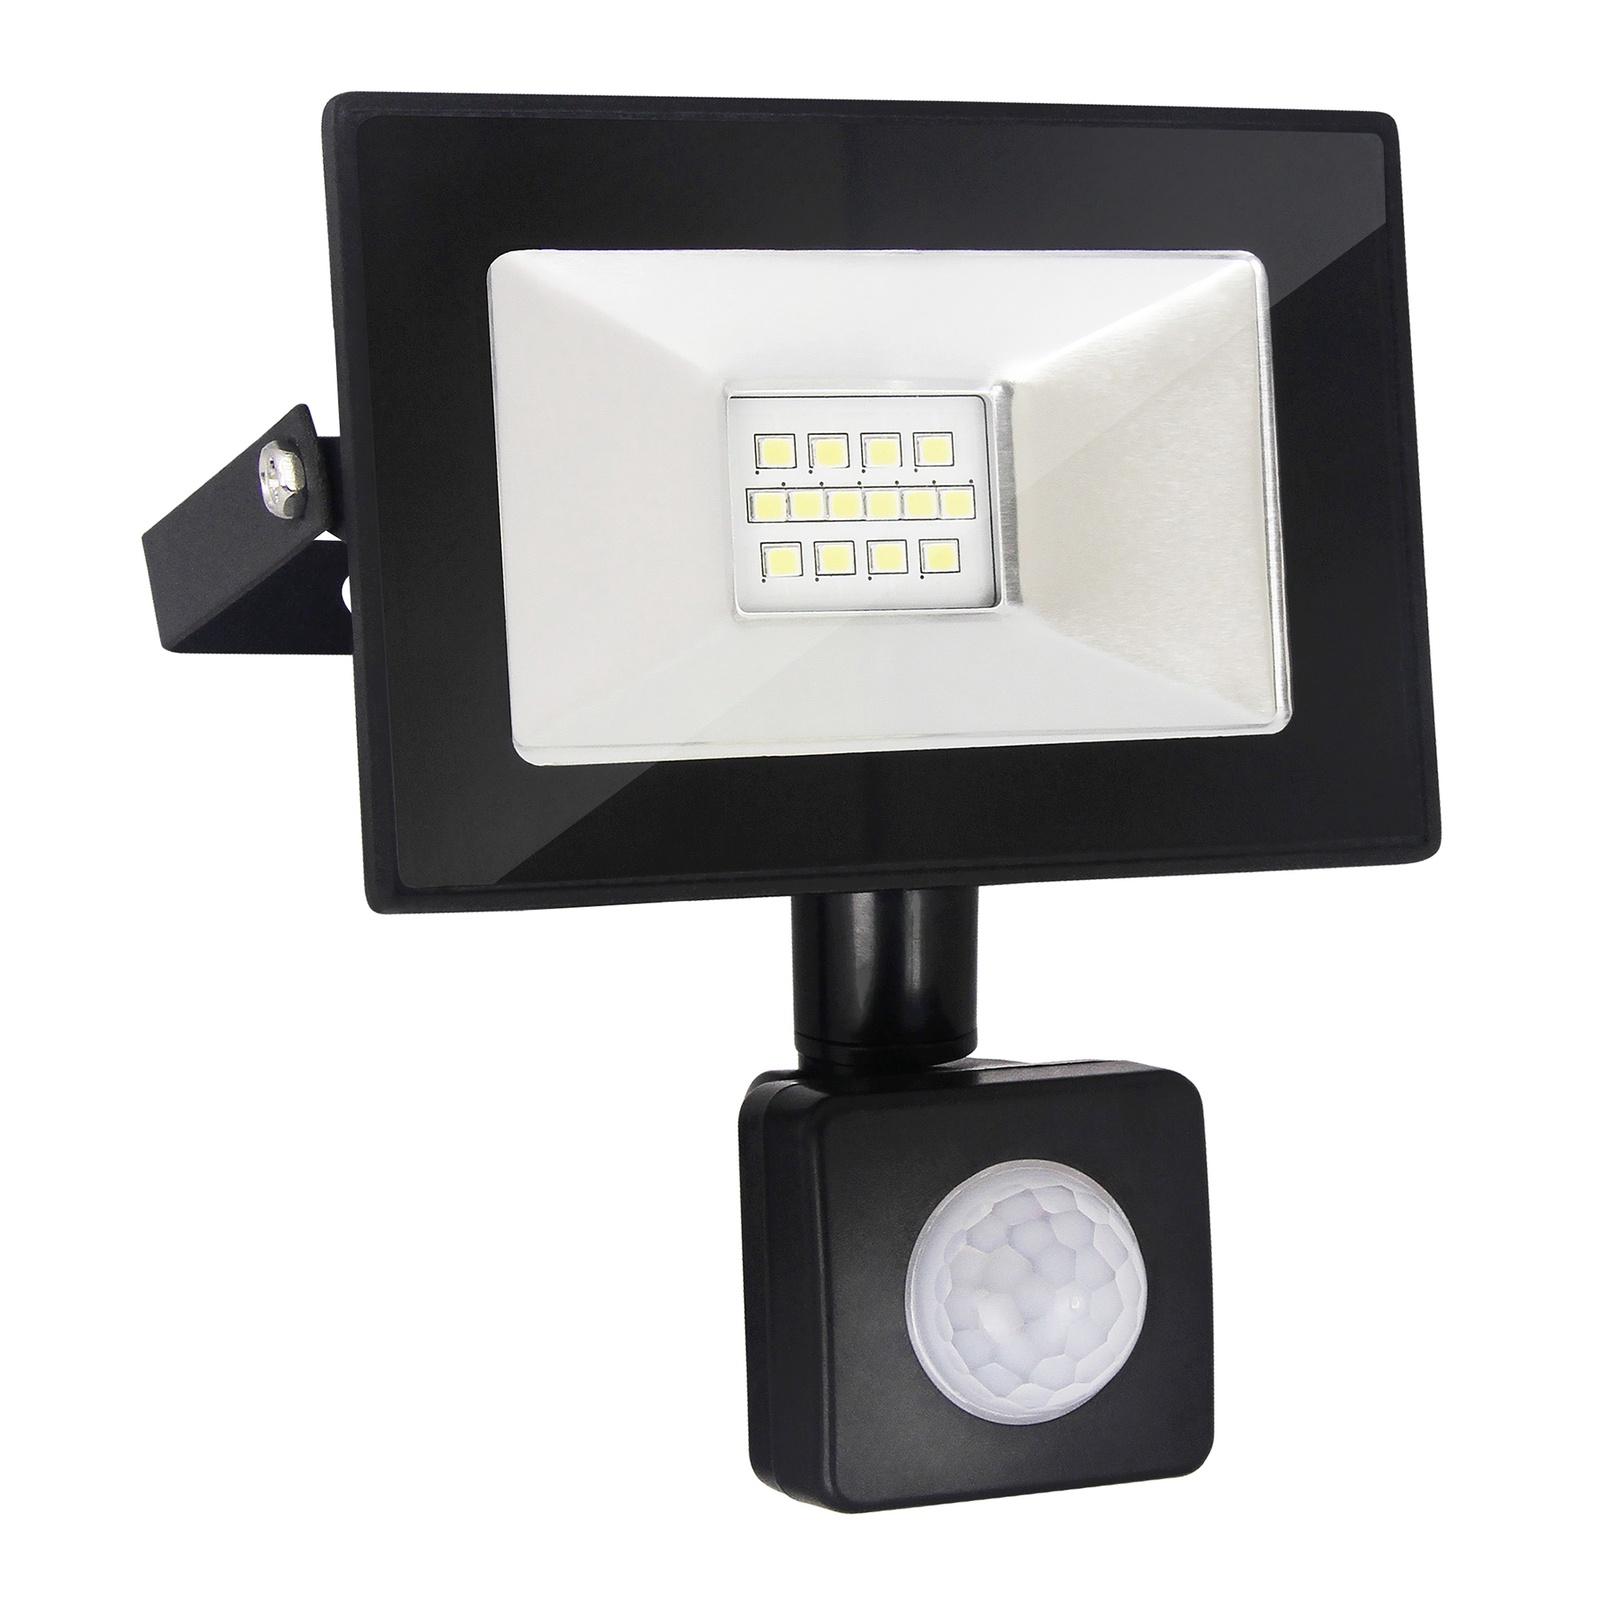 Прожектор Elektrostandard светодиодный с датчиком движения и освещенности 016 FL LED, 6500, 10 Вт elektrostandart прожектор прожектор с датчиком 003 fl led 30w 6500k ip44